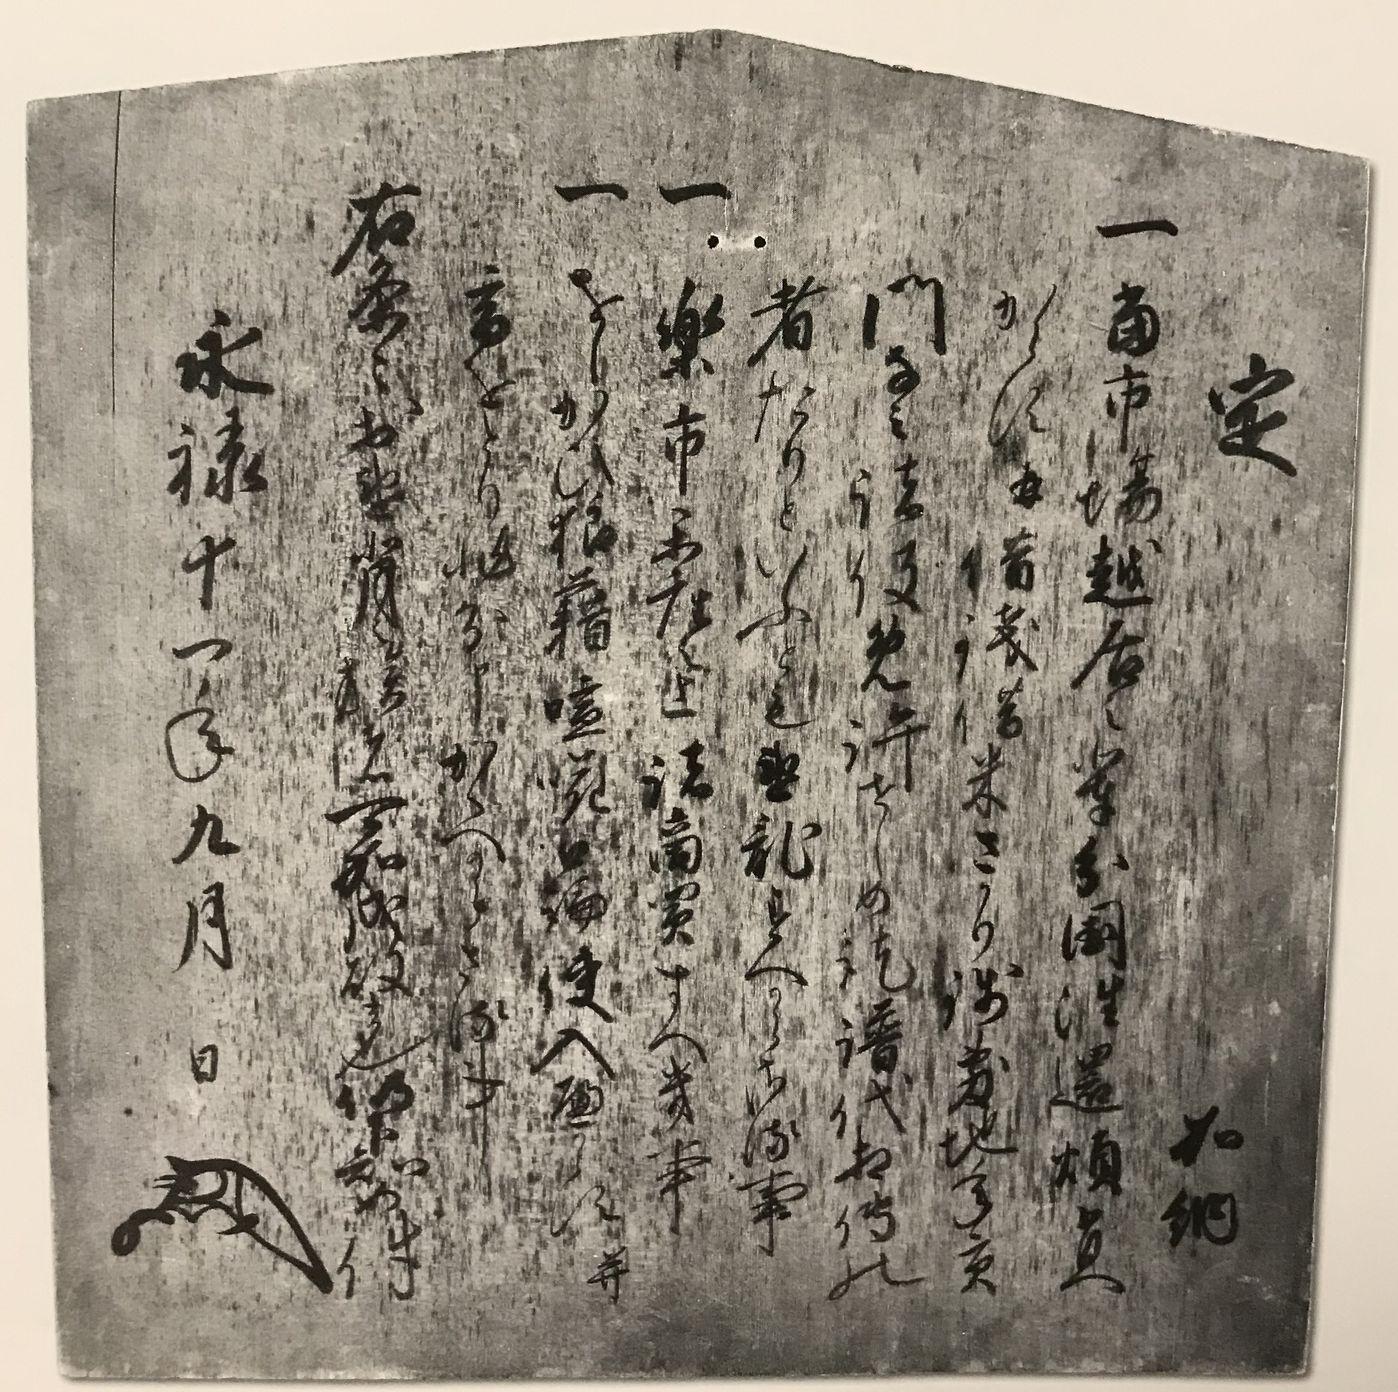 織田信長が稲葉山城下・加納に出した制札(原文)